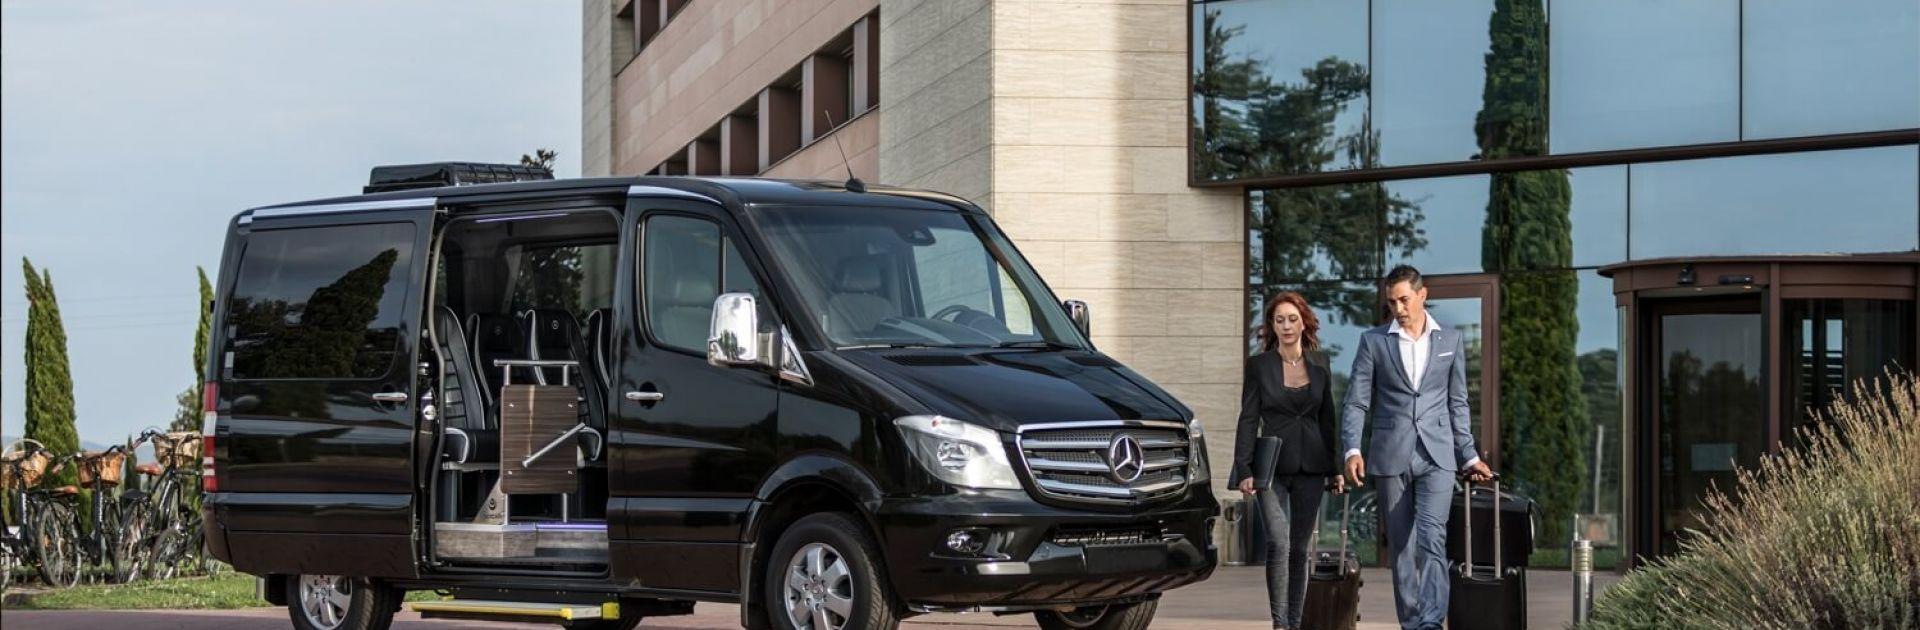 Mikroautobusų nuoma Klaipėdoje, mikroautobusų nuoma kelionėms po Lietuvą ir užsienio šalis | Keliauk – Jūsų partneris kelyje.